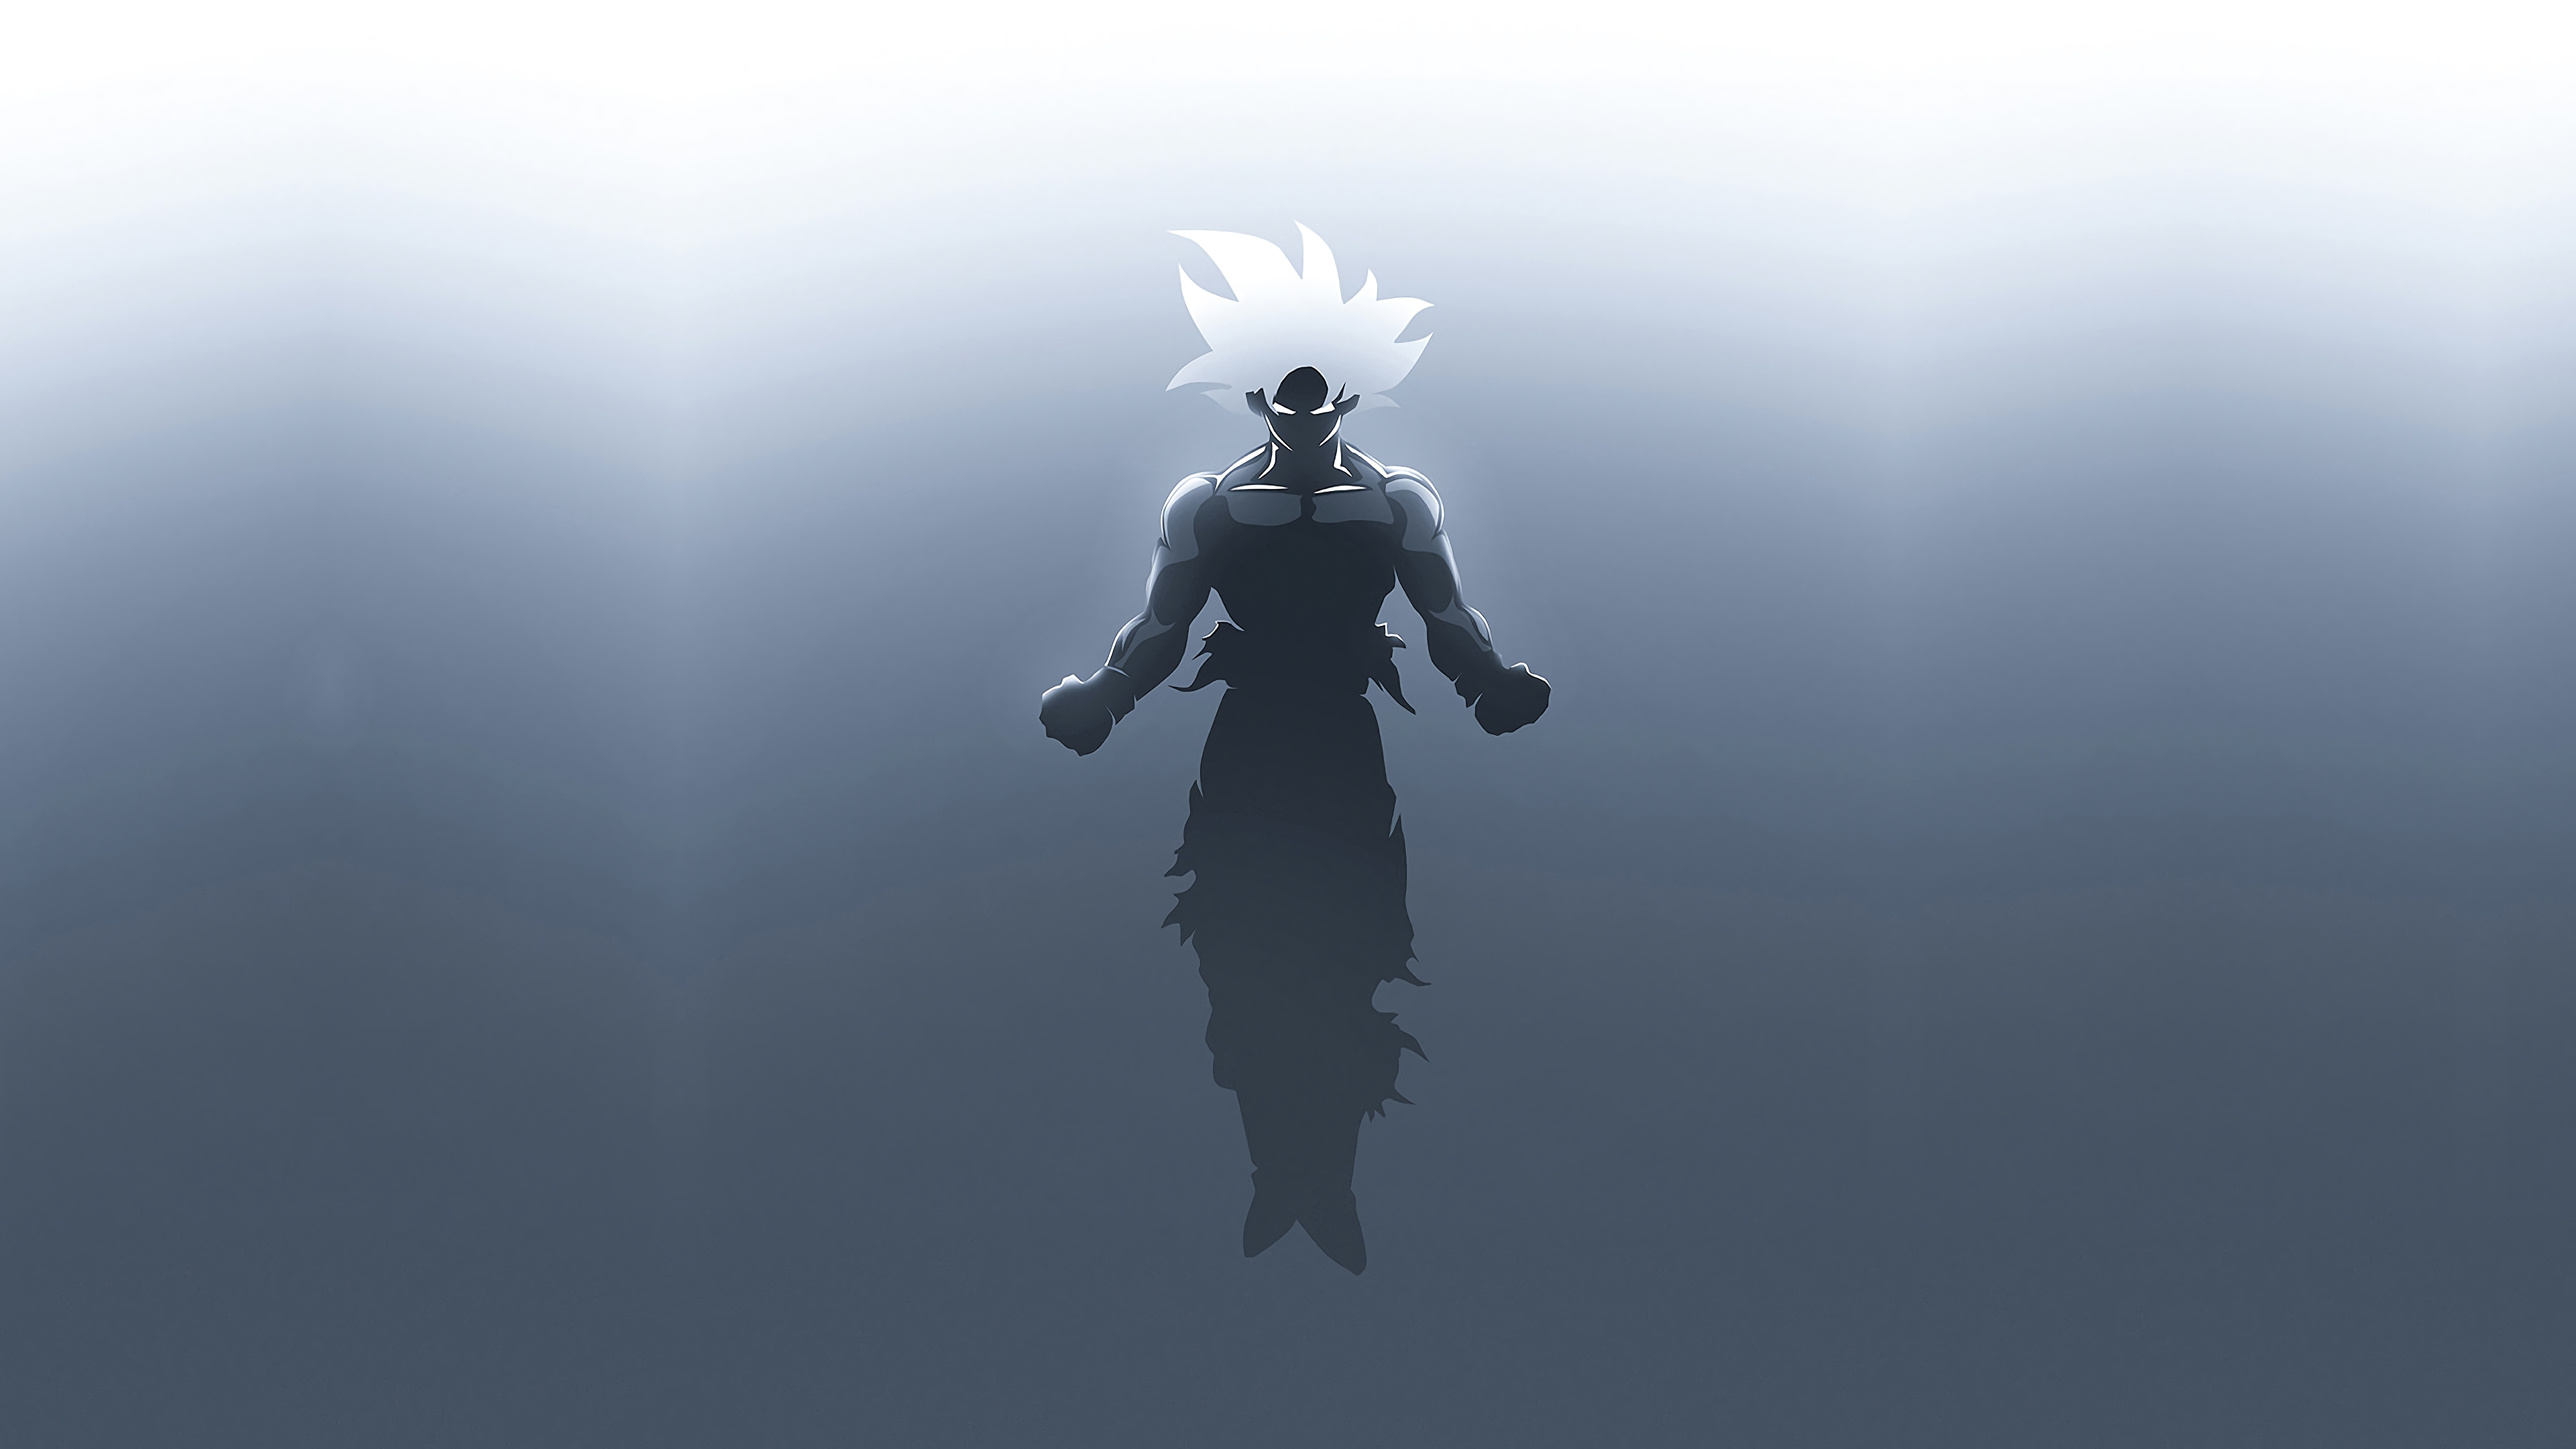 Goku In Dragon Ball Super Minimalism Hd Anime 4k